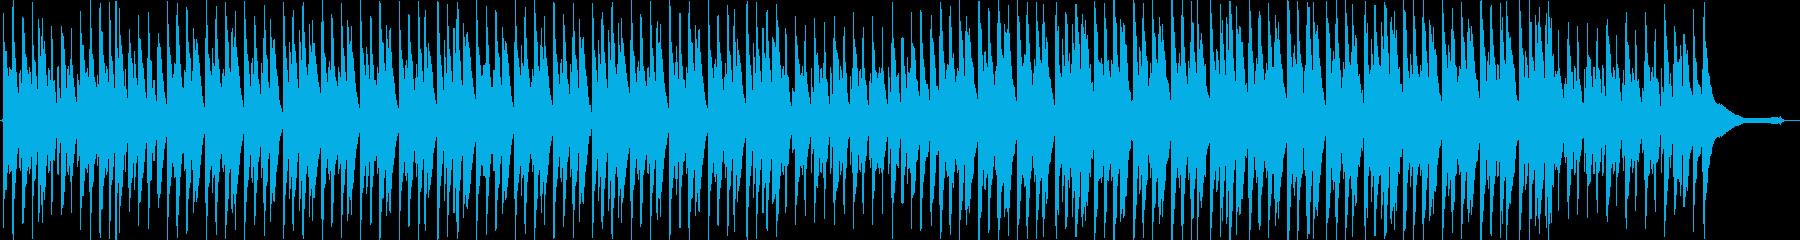 明るくポップな流行コーポレート系BGMの再生済みの波形